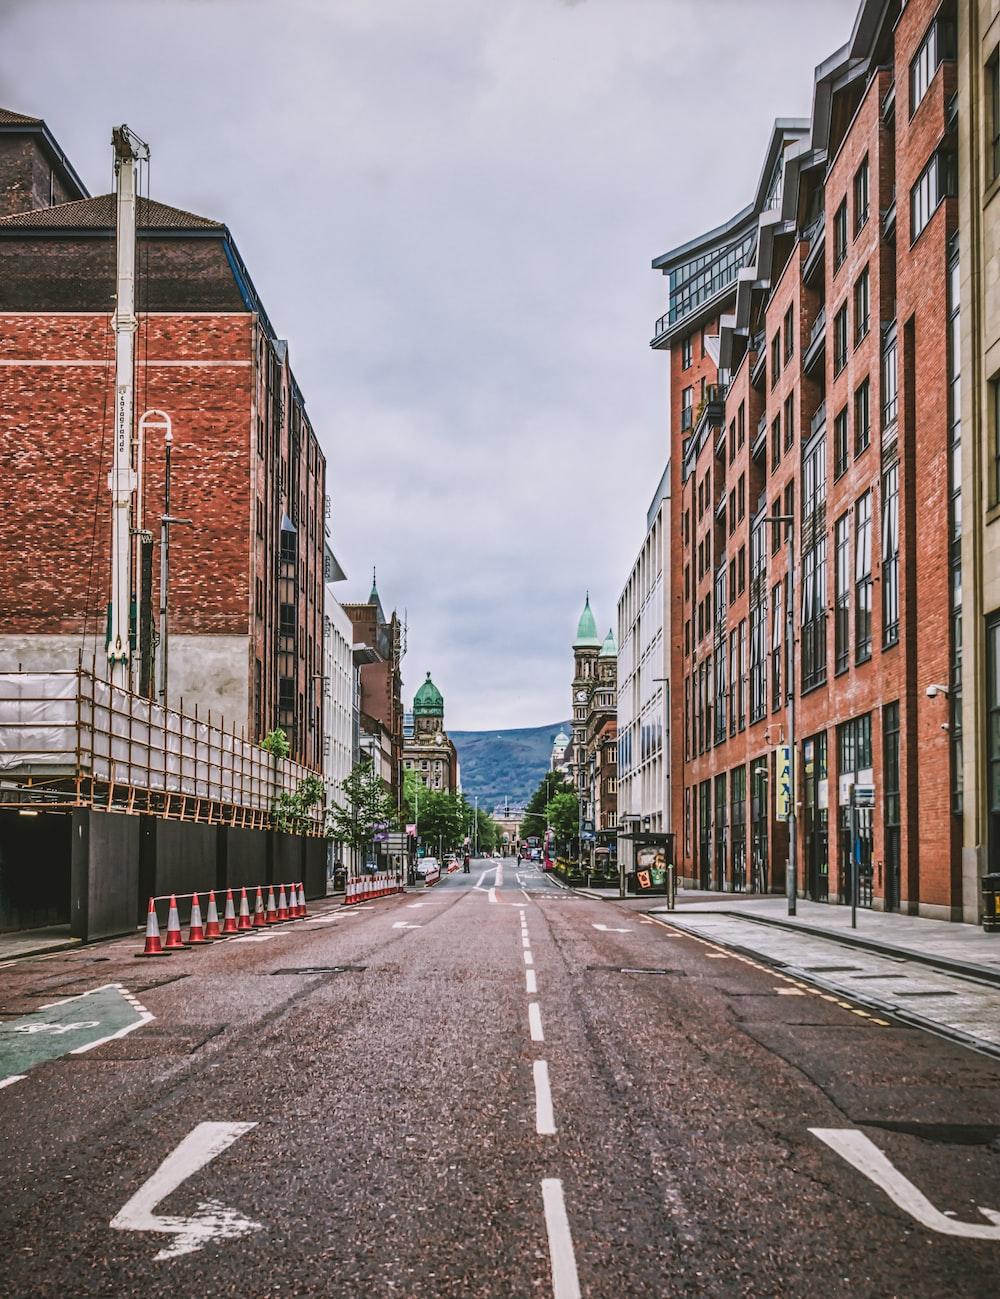 brown brick building beside road